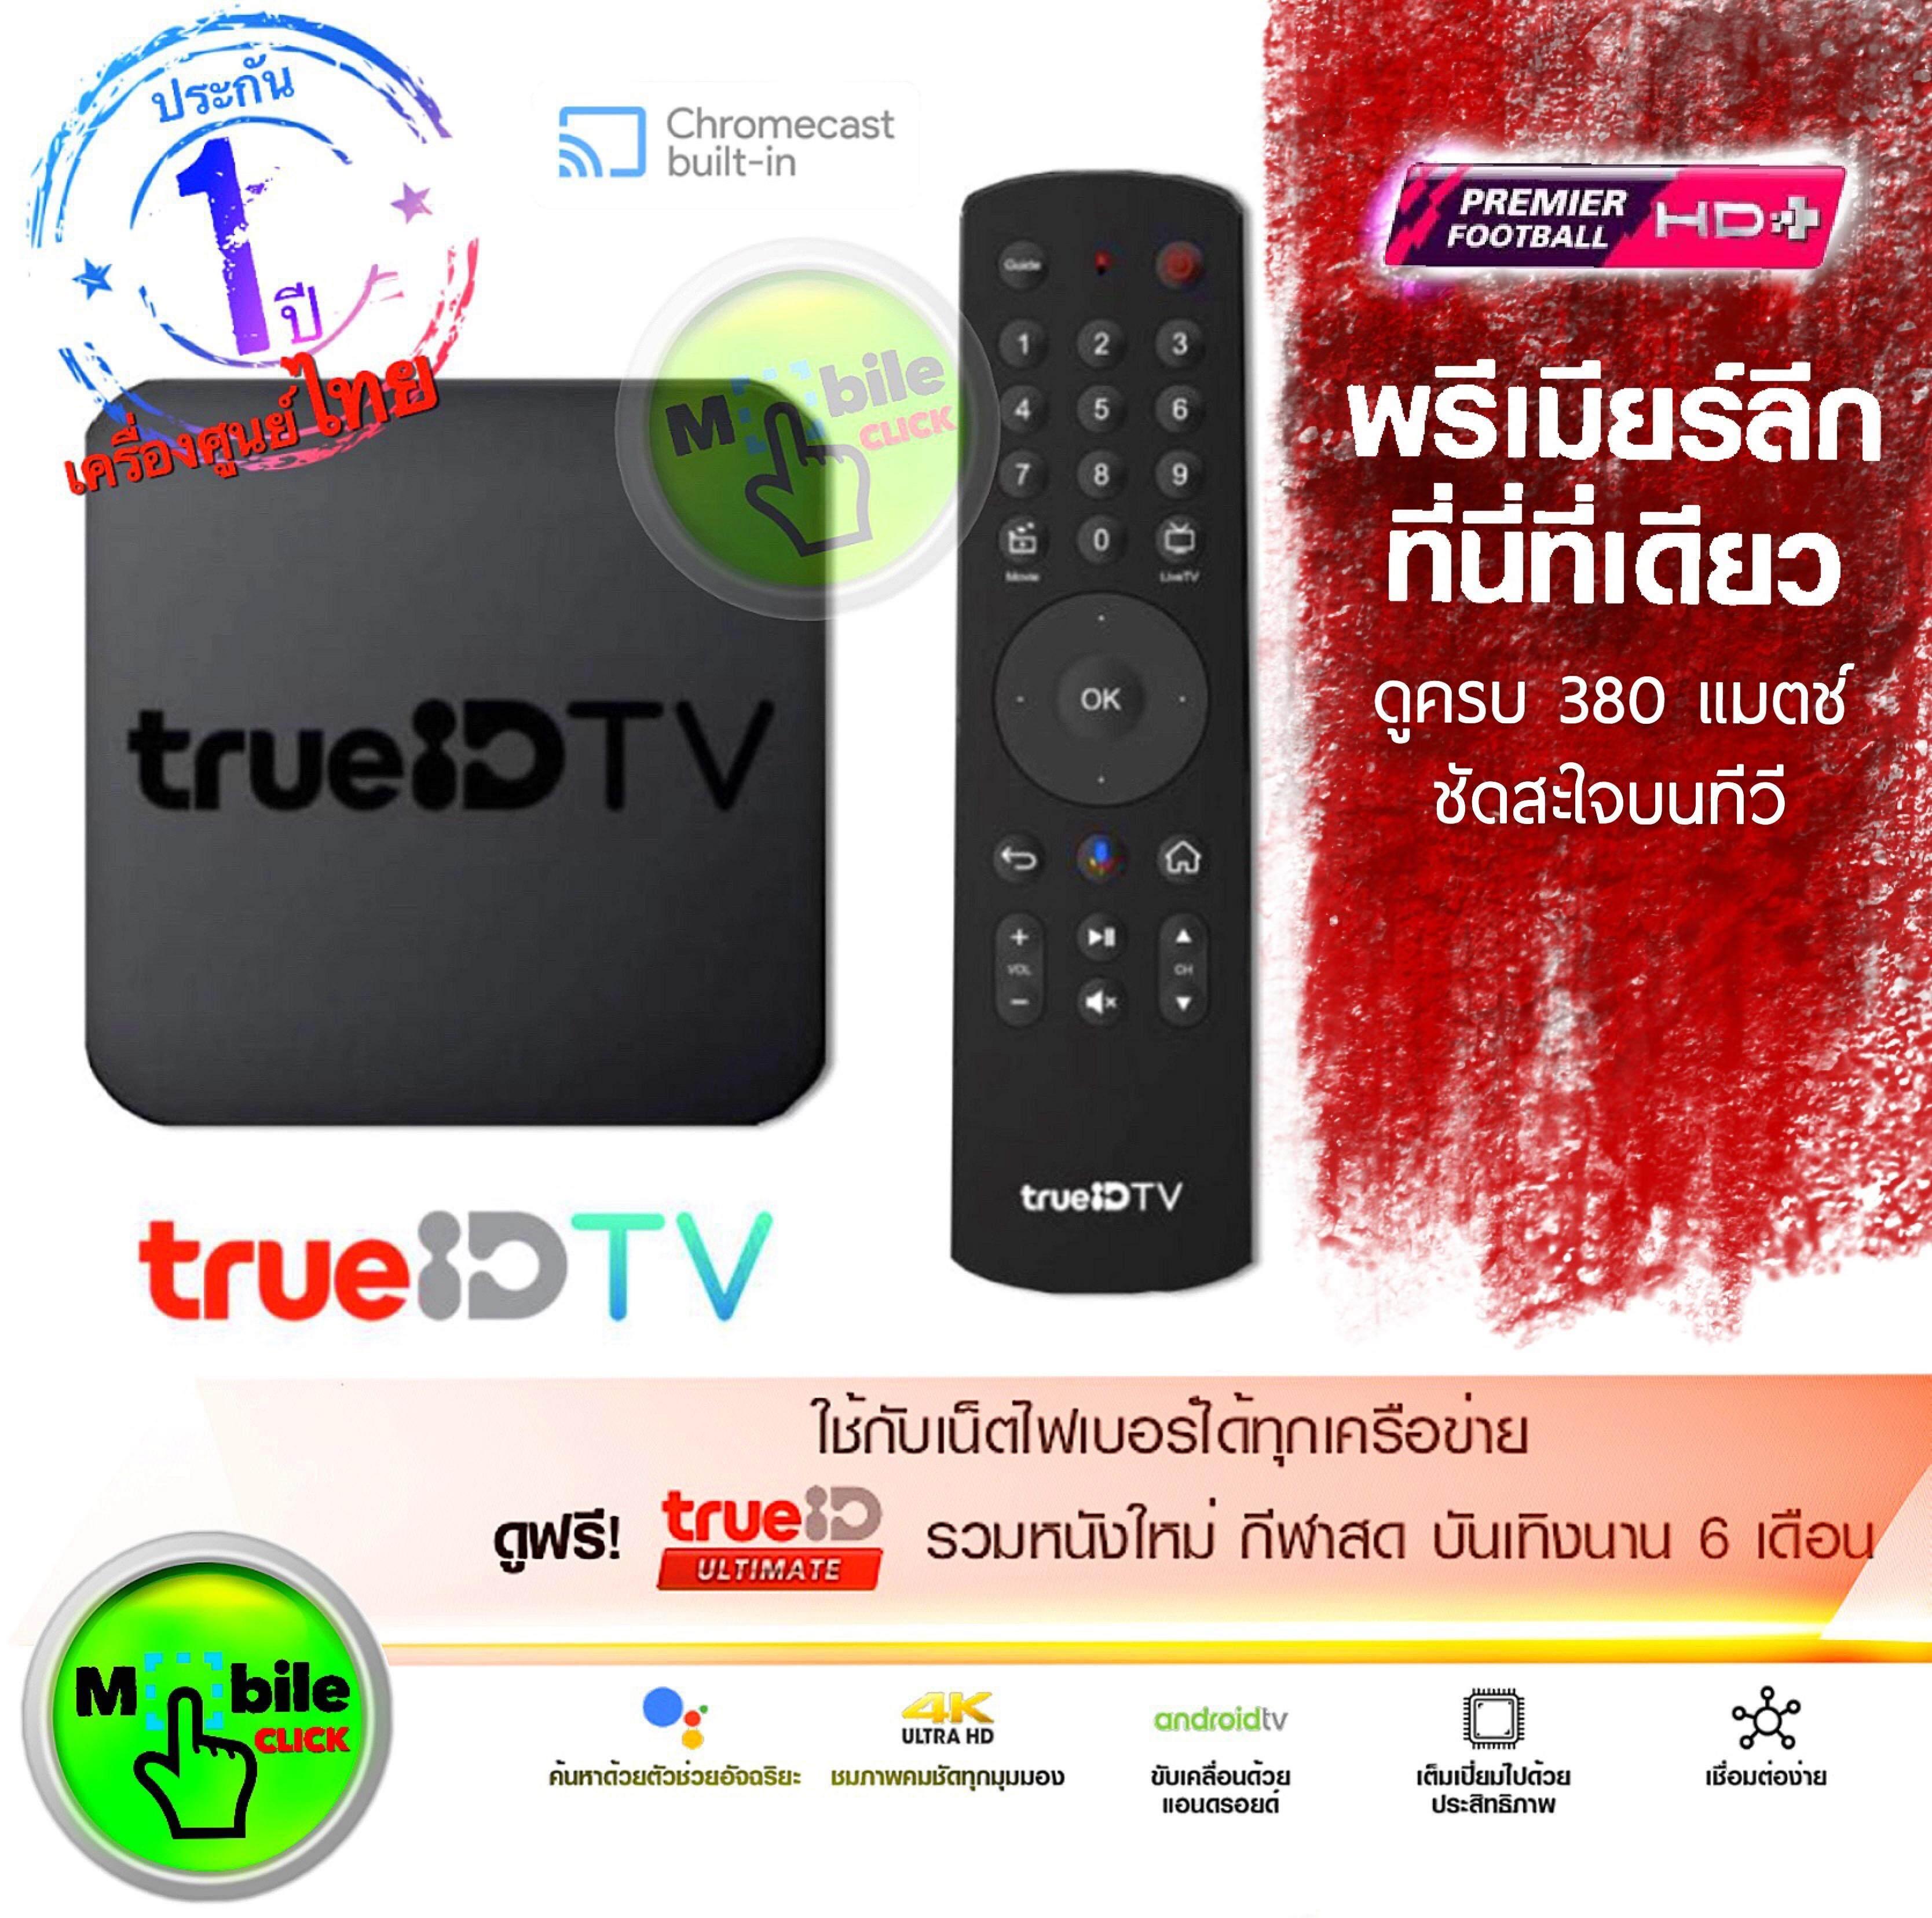 สอนใช้งาน  แม่ฮ่องสอน ดูบอลพรีเมียร์ ดูหนังด้วย กล่องทรูไอดี ทีวี(TrueID TV) สุดยอด Android TV Box